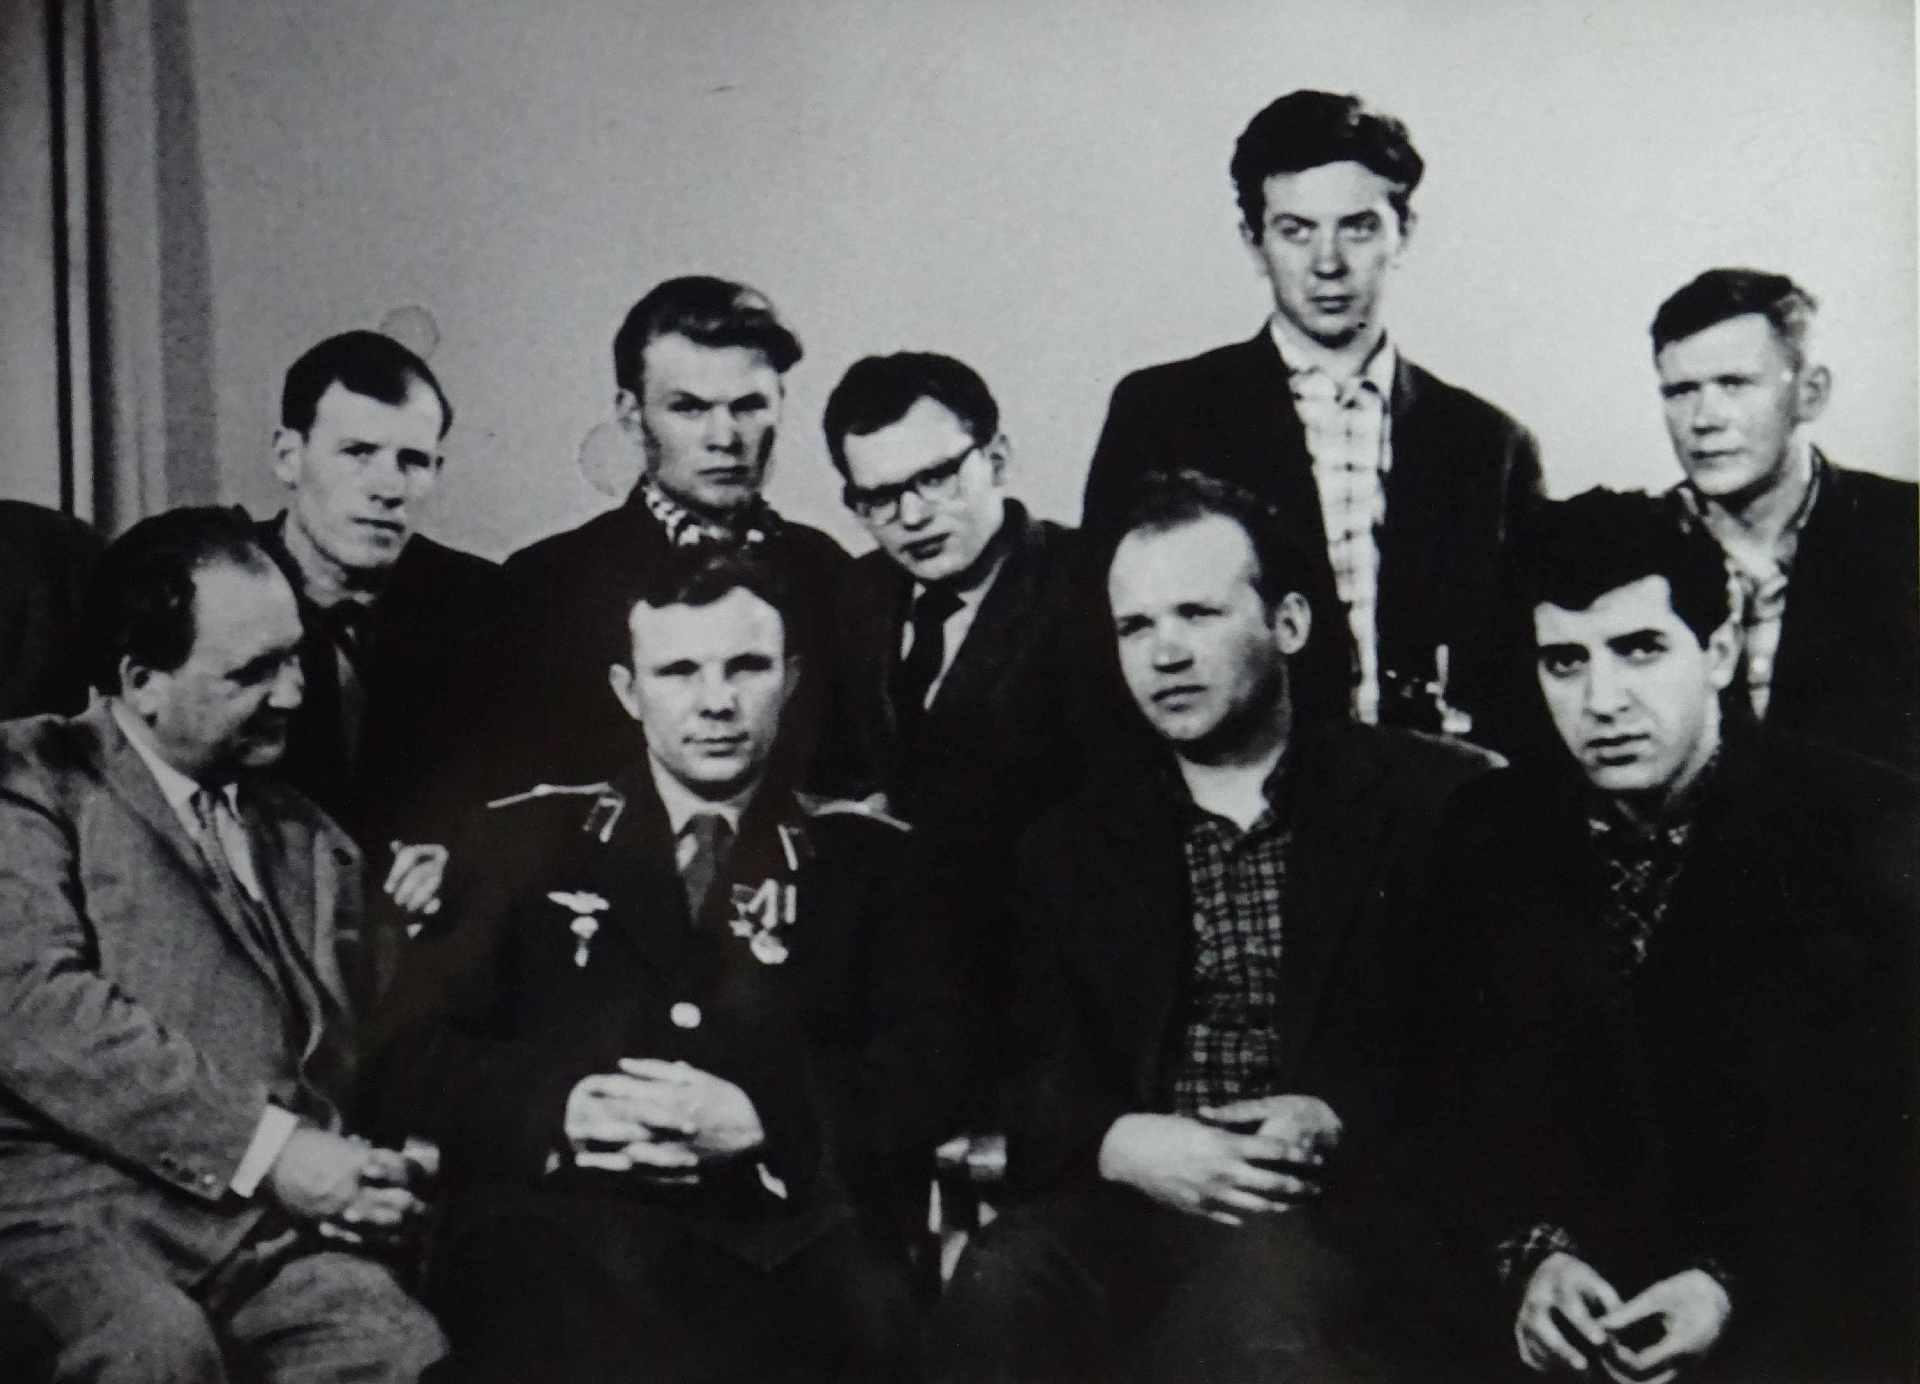 Экспонат #12. С первым космонавтом СССР Юрием Гагариным